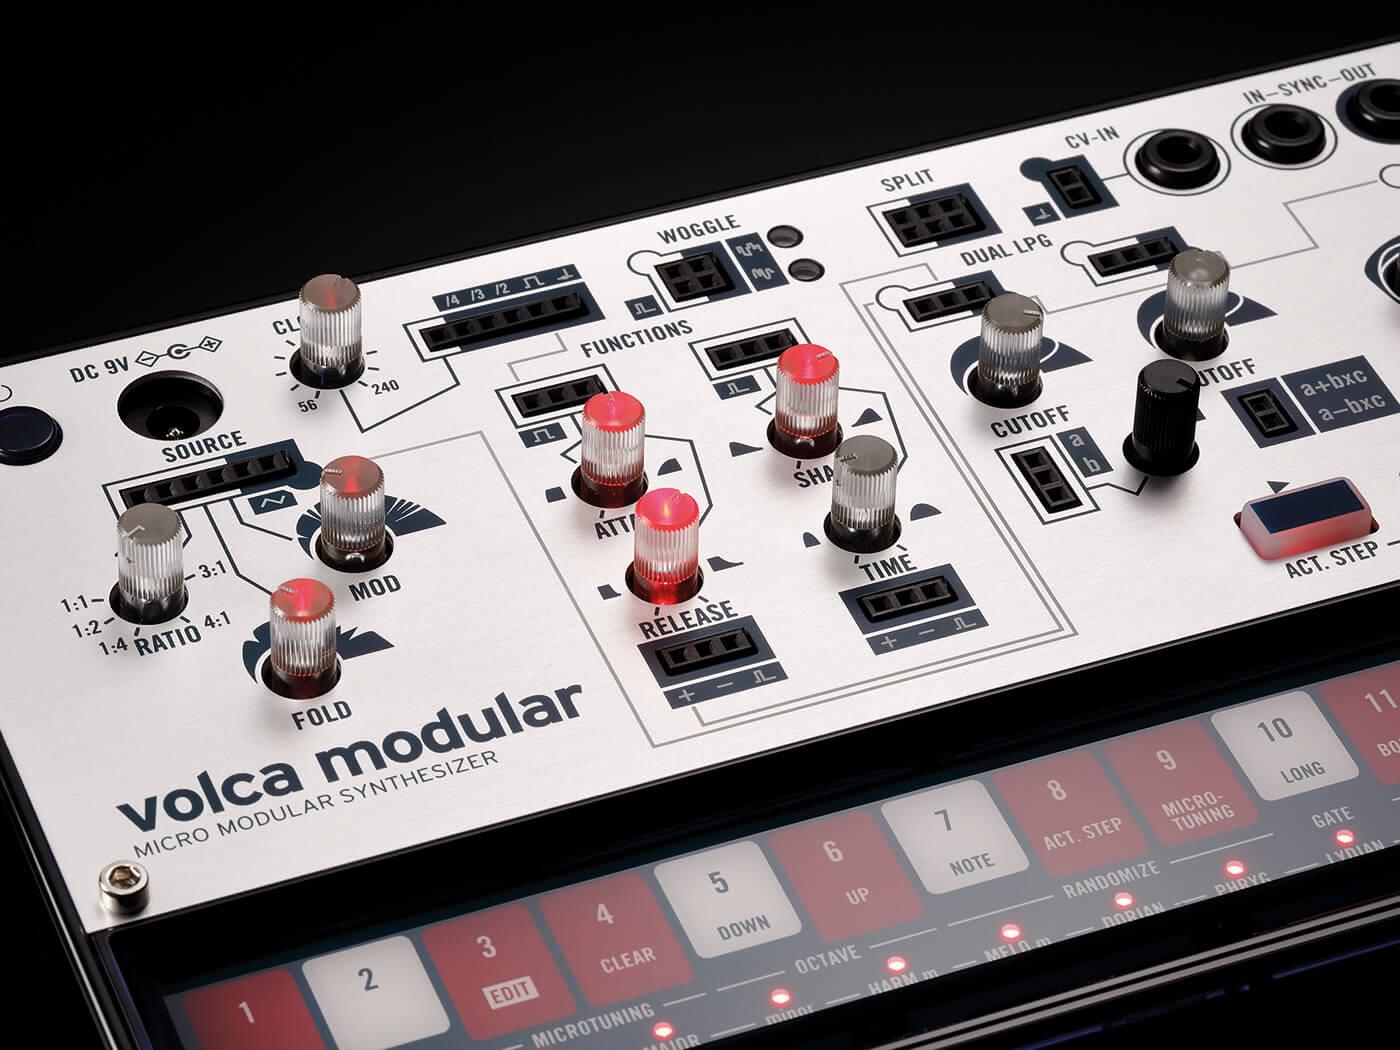 Review: Korg Volca Modular - MusicTech